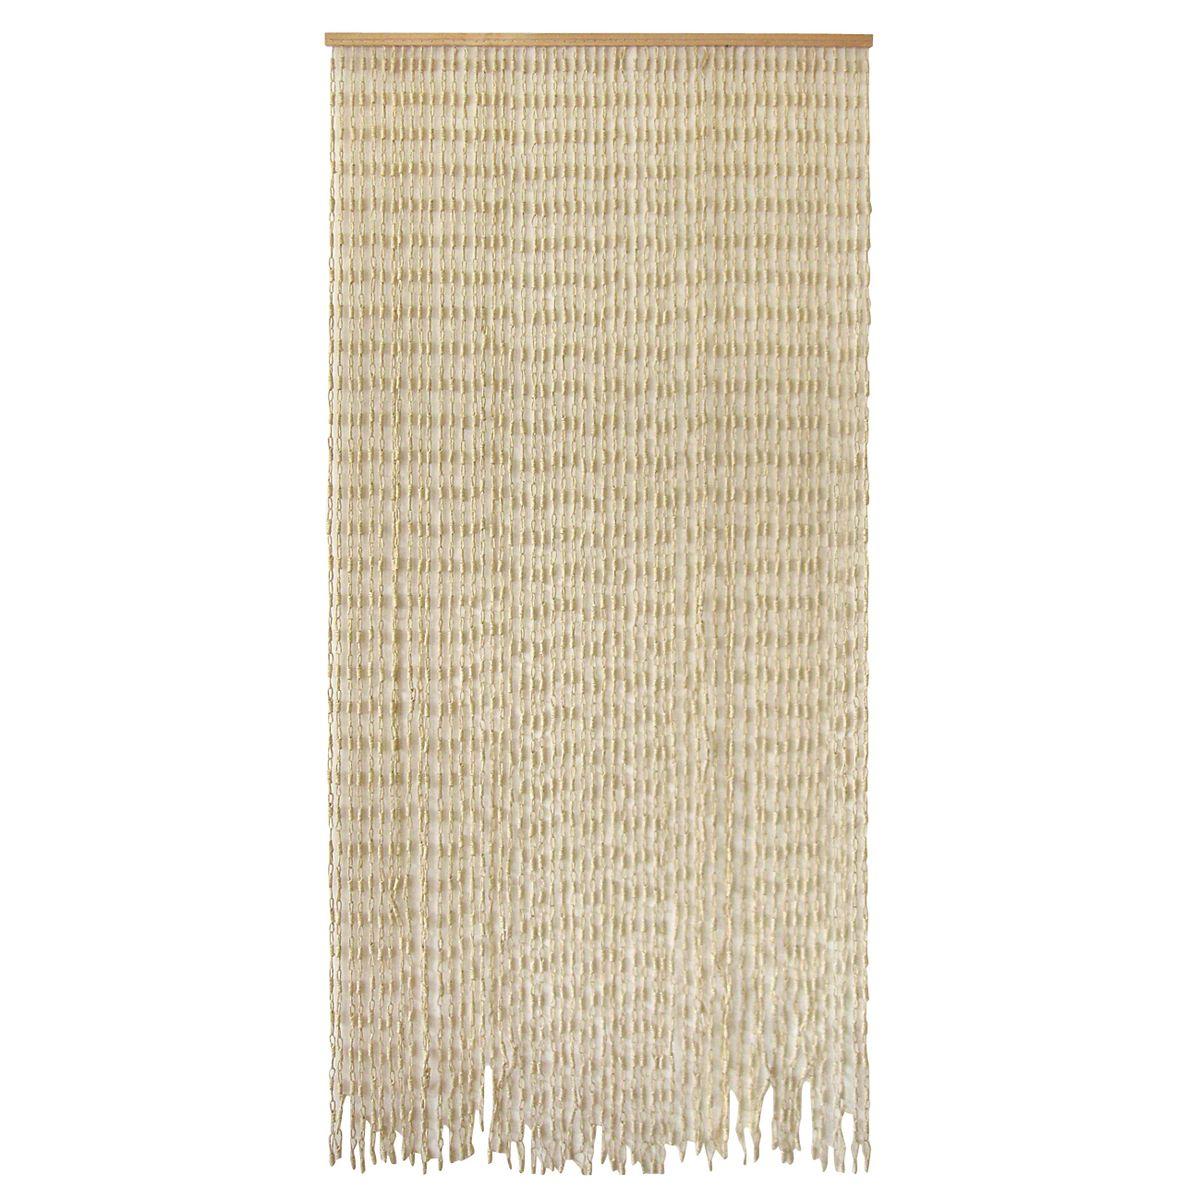 Tende in bamb per interni free cerco coppia tende da for Tende corda leroy merlin